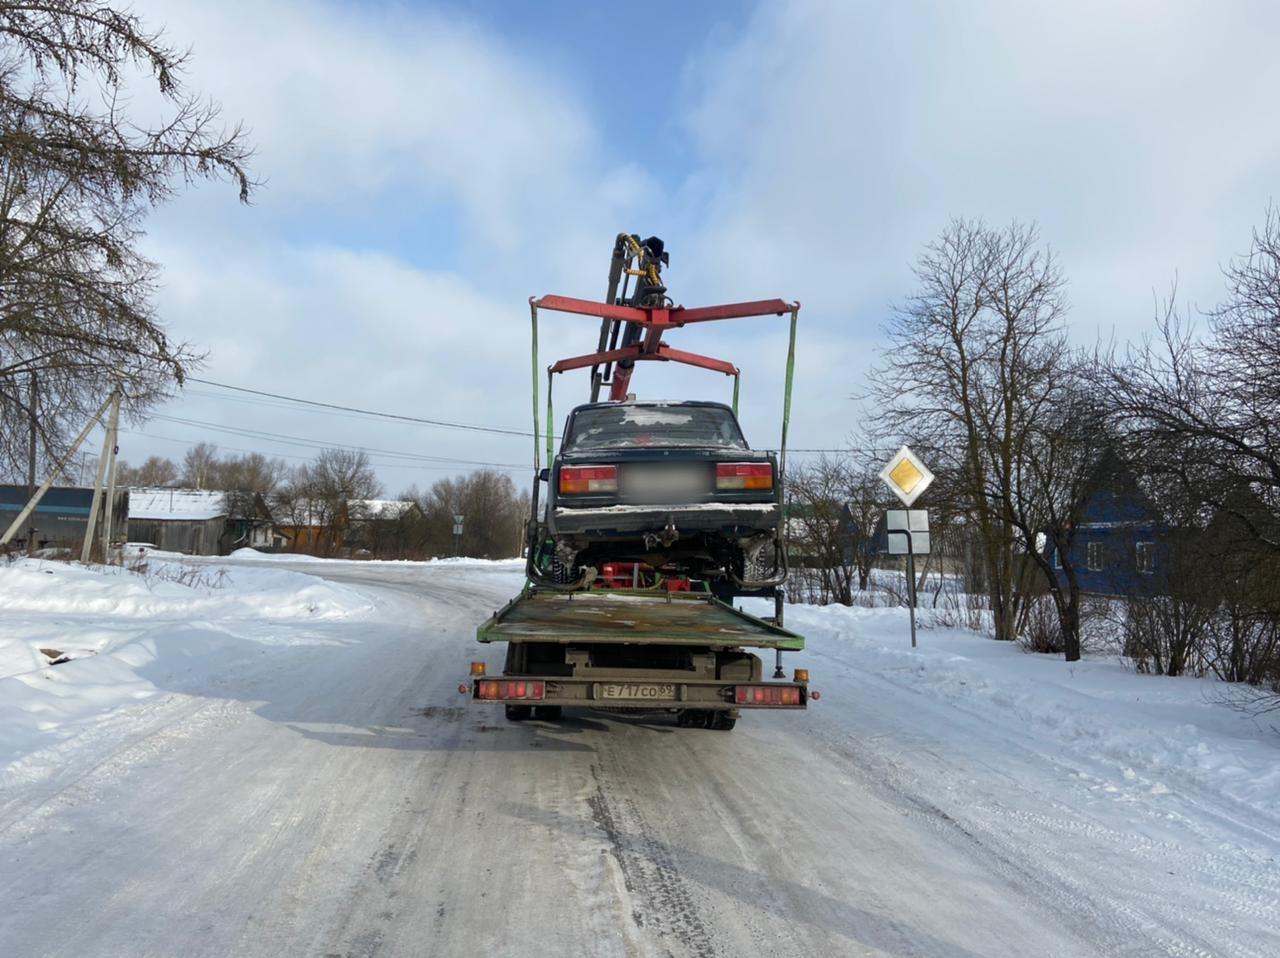 У 19-летнего парня отобрали машину в деревне под Тверью